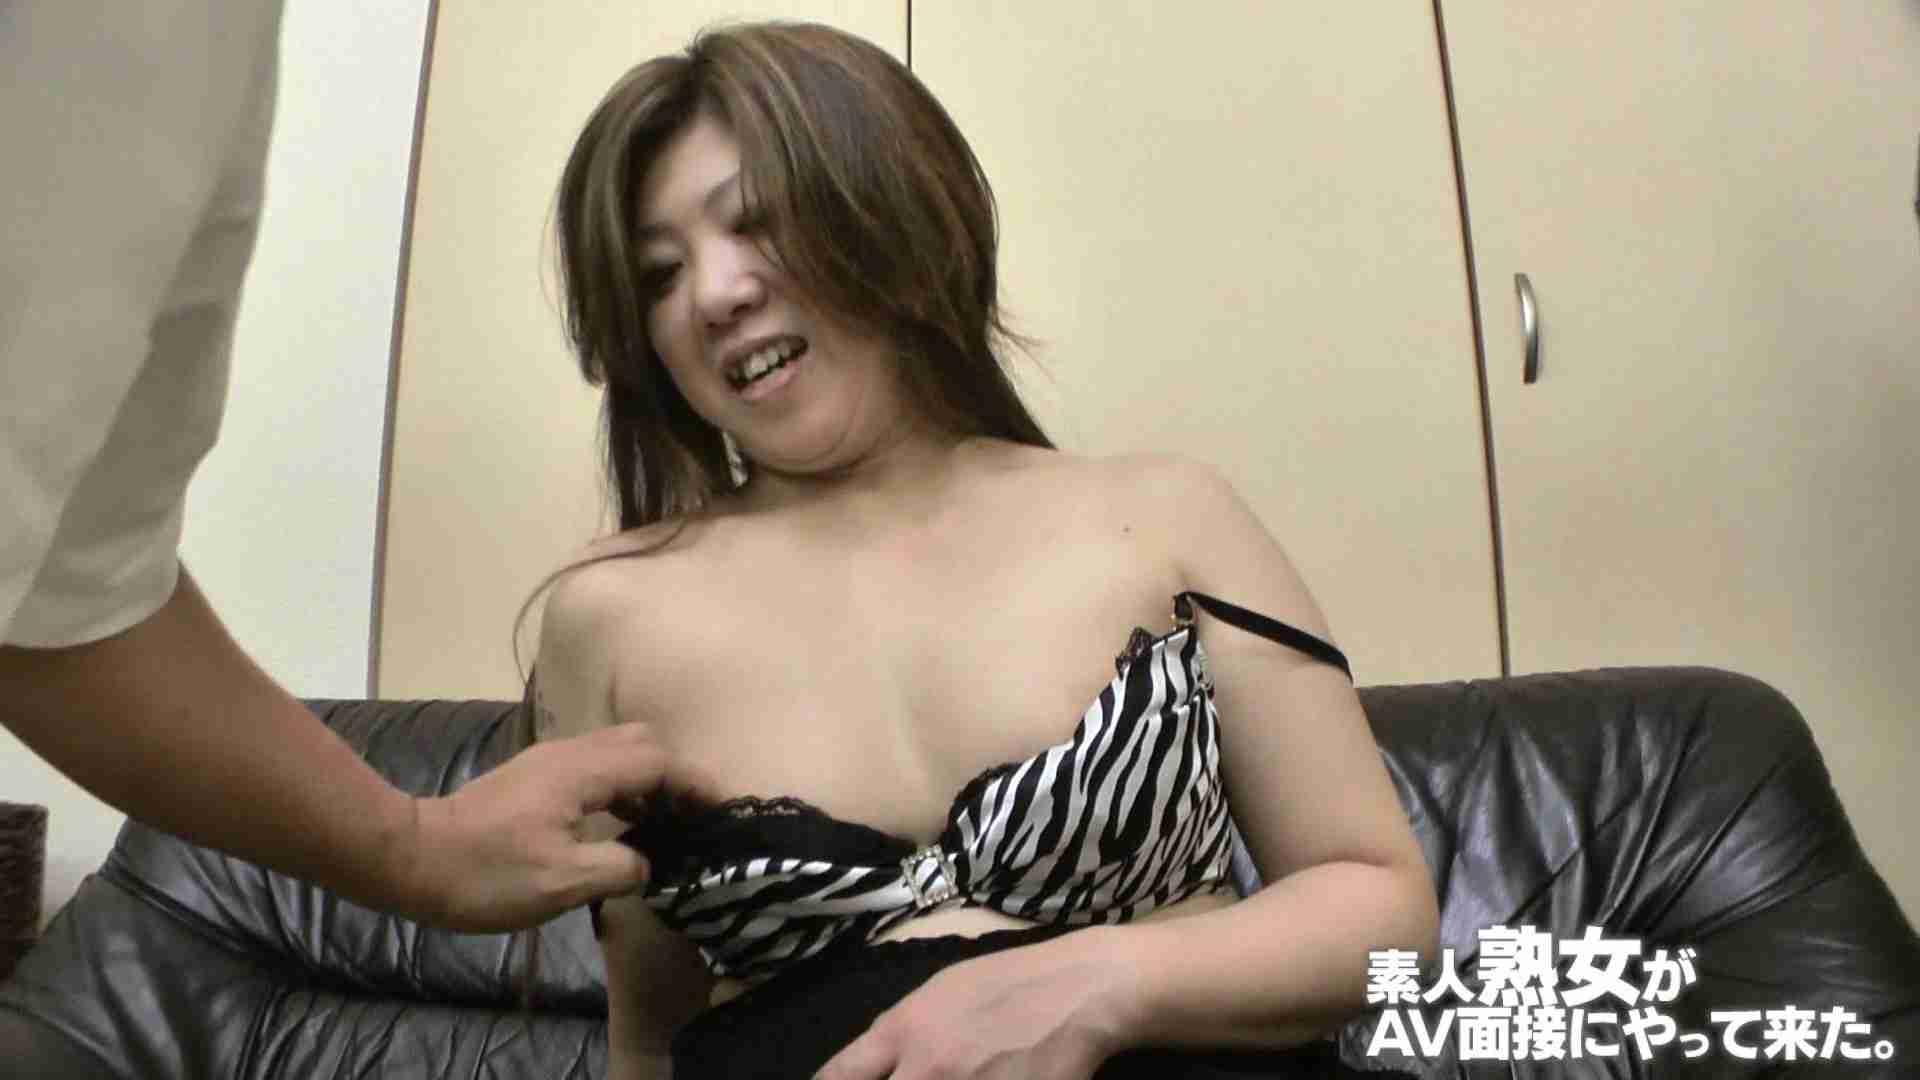 素人熟女がAV面接にやってきた (仮名)ゆかさんVOL.03 セックス映像 性交動画流出 59pic 35